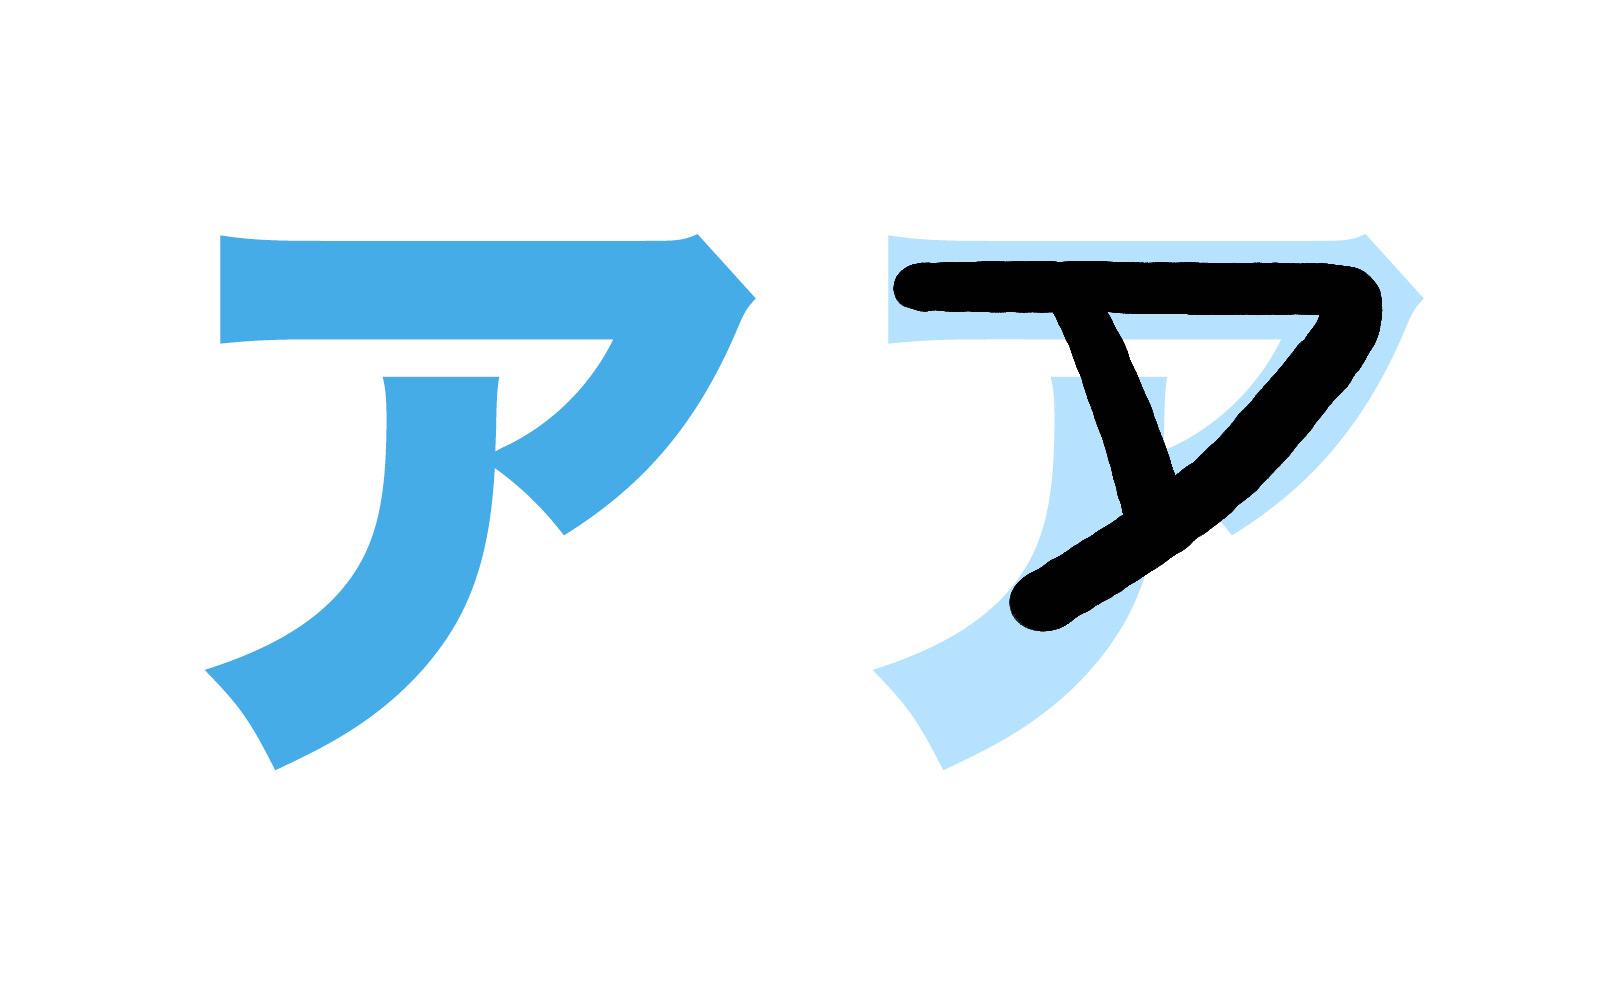 Katakana character ア mnemonic